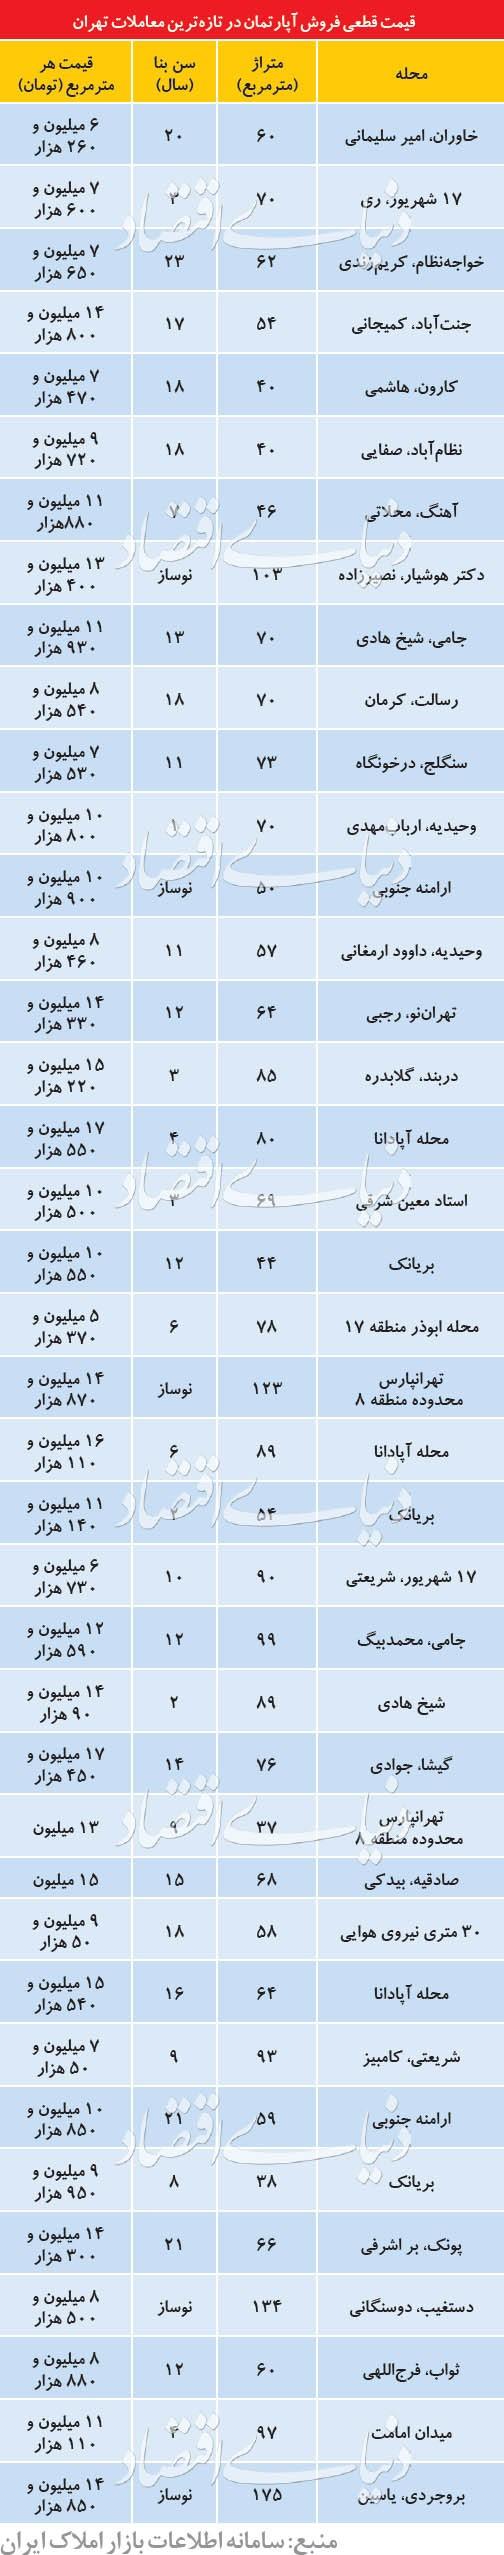 وضعیت بازار مسکن در خرداد ماه از زبان واسطه های املاک